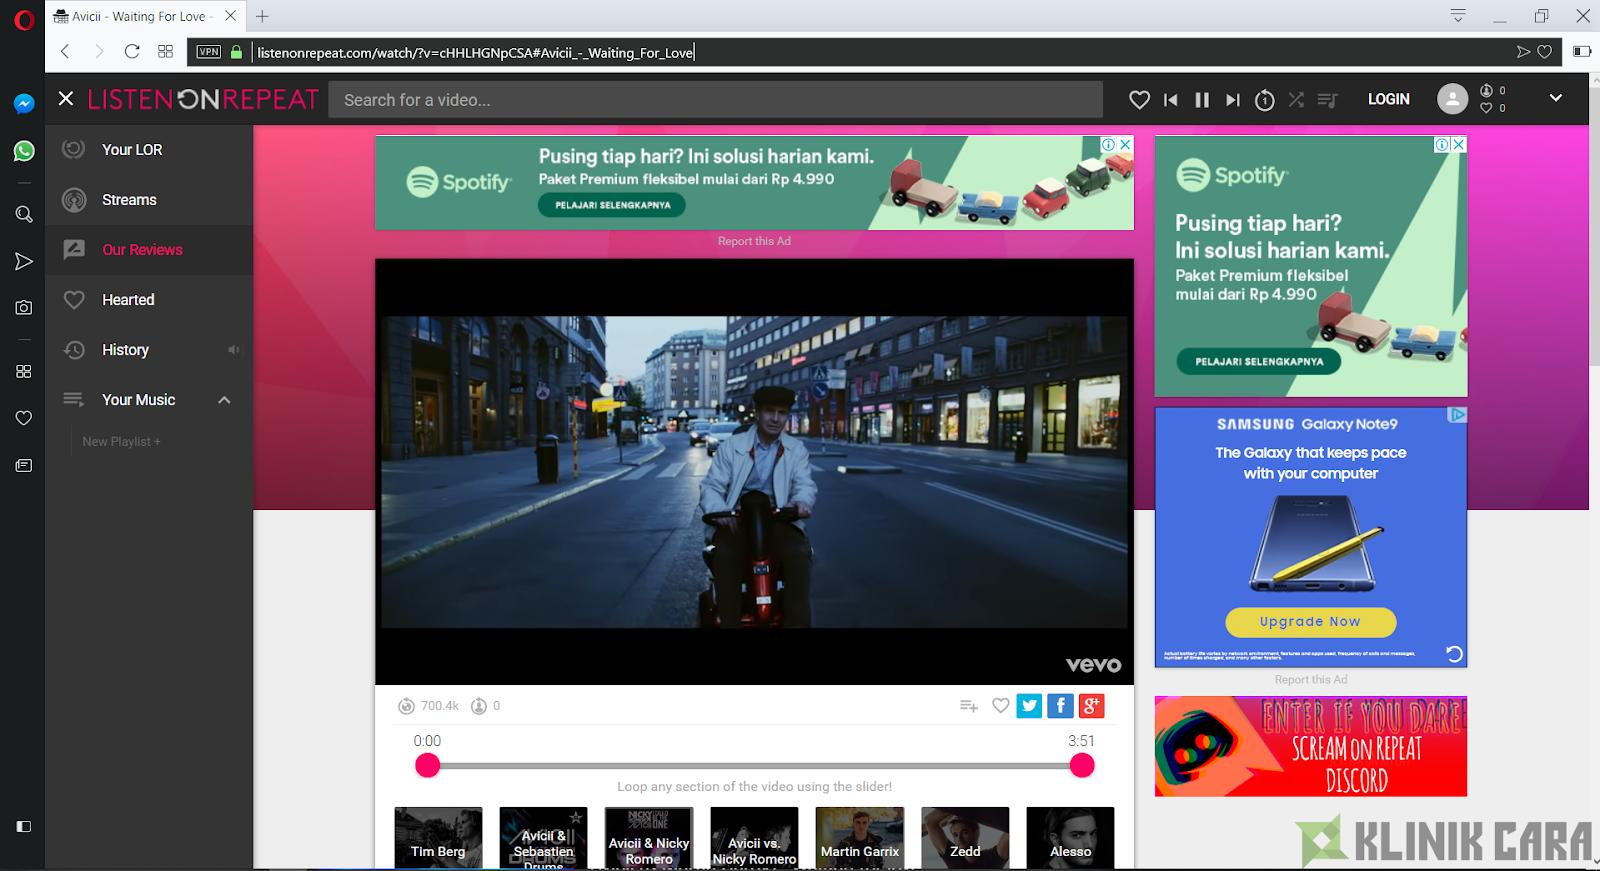 Cara Memutar Video YouTube Secara Berulang-Ulang